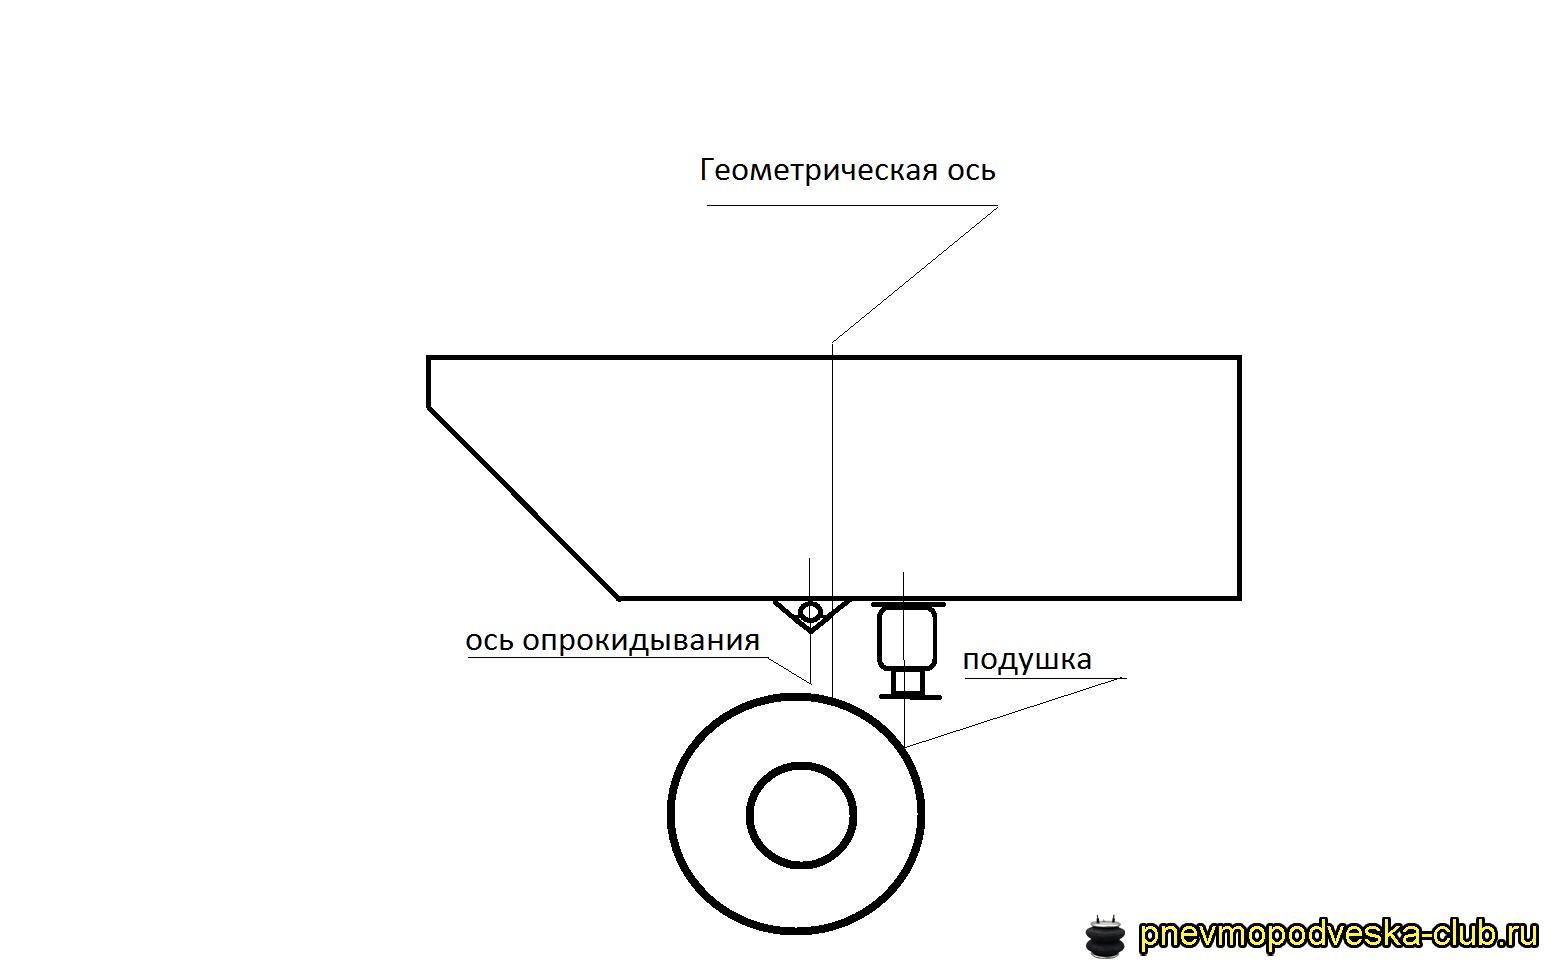 pnevmopodveska_1381171164__.jpg